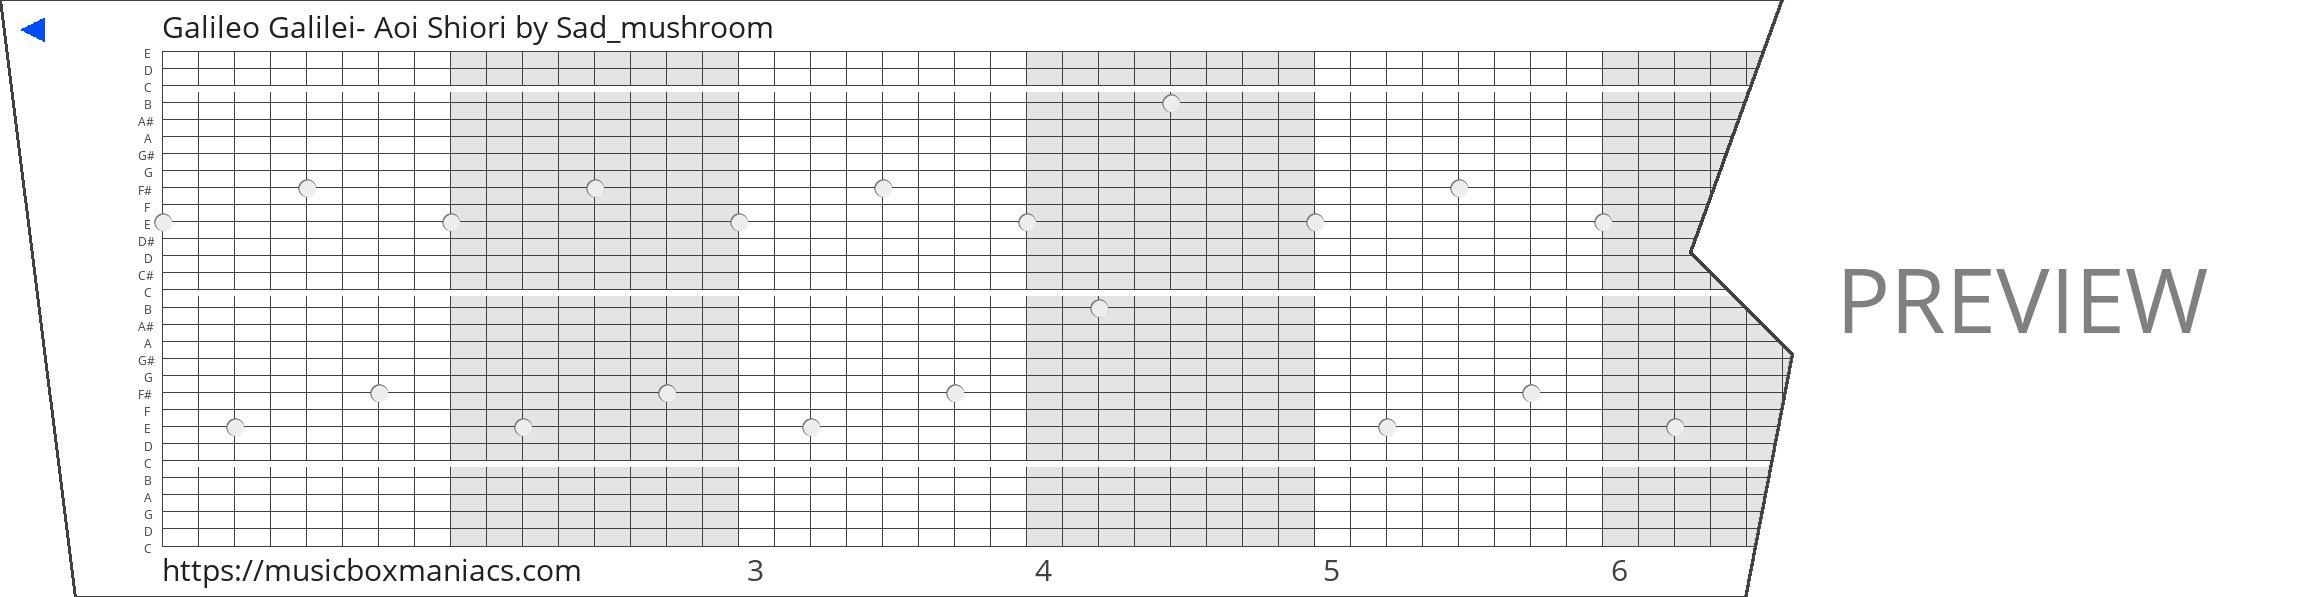 Galileo Galilei- Aoi Shiori 30 note music box paper strip